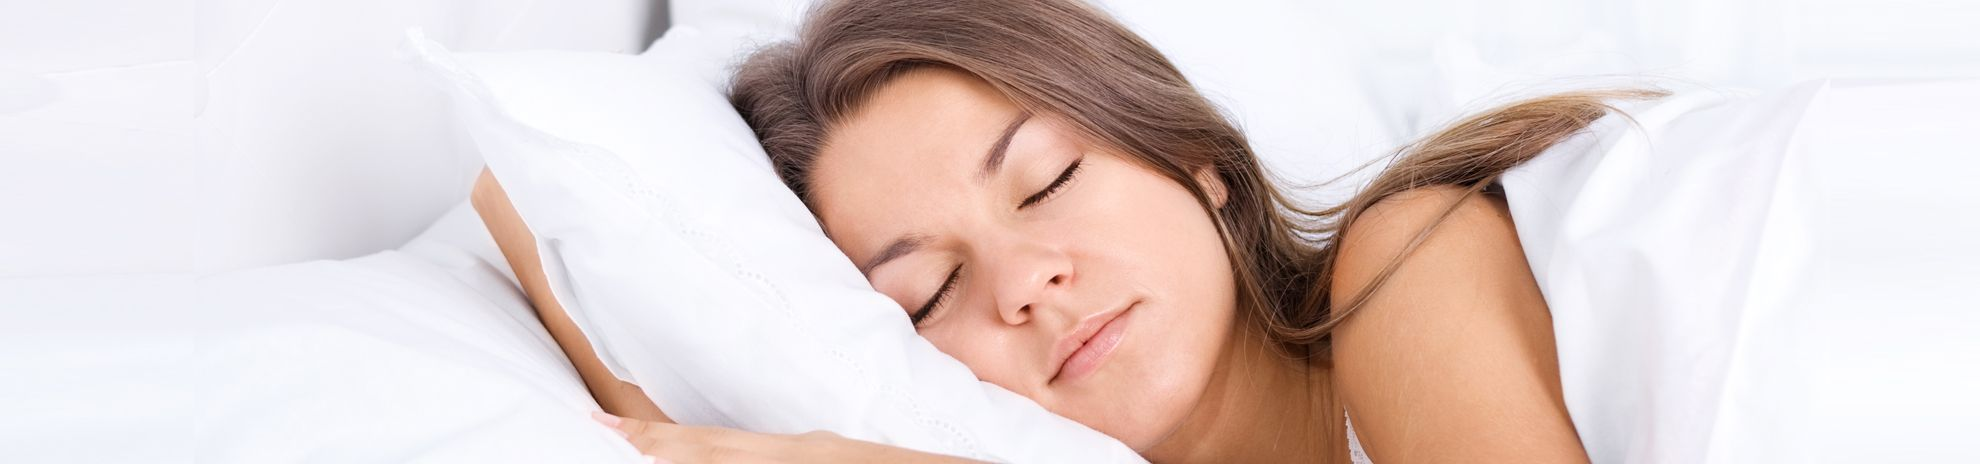 cansancio y sueno durante el embarazo